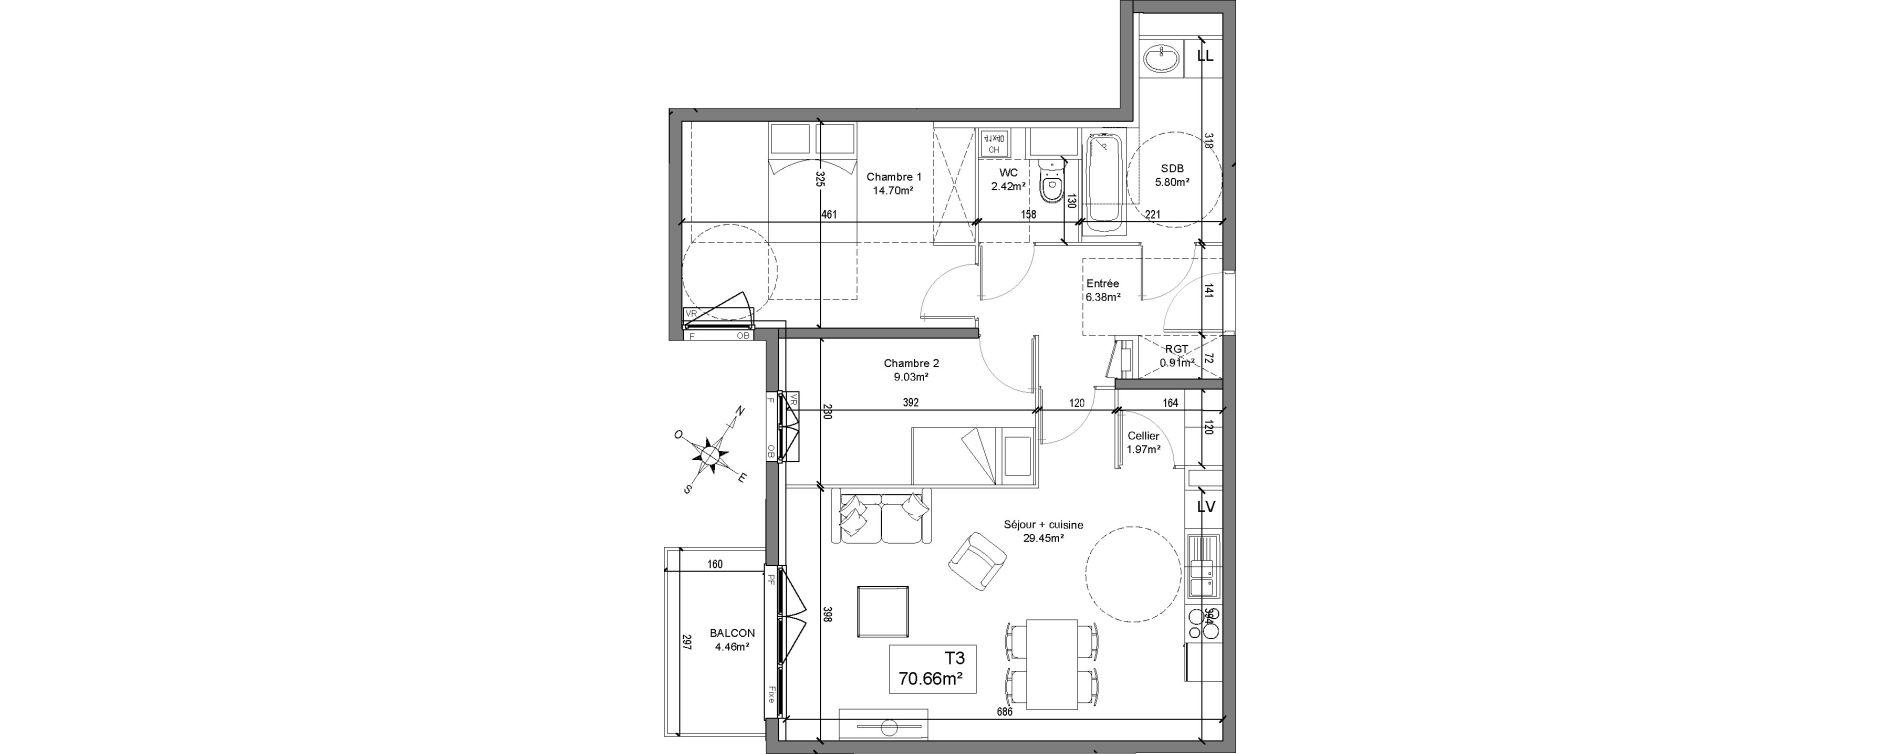 Appartement T3 de 70,66 m2 à Linselles Centre